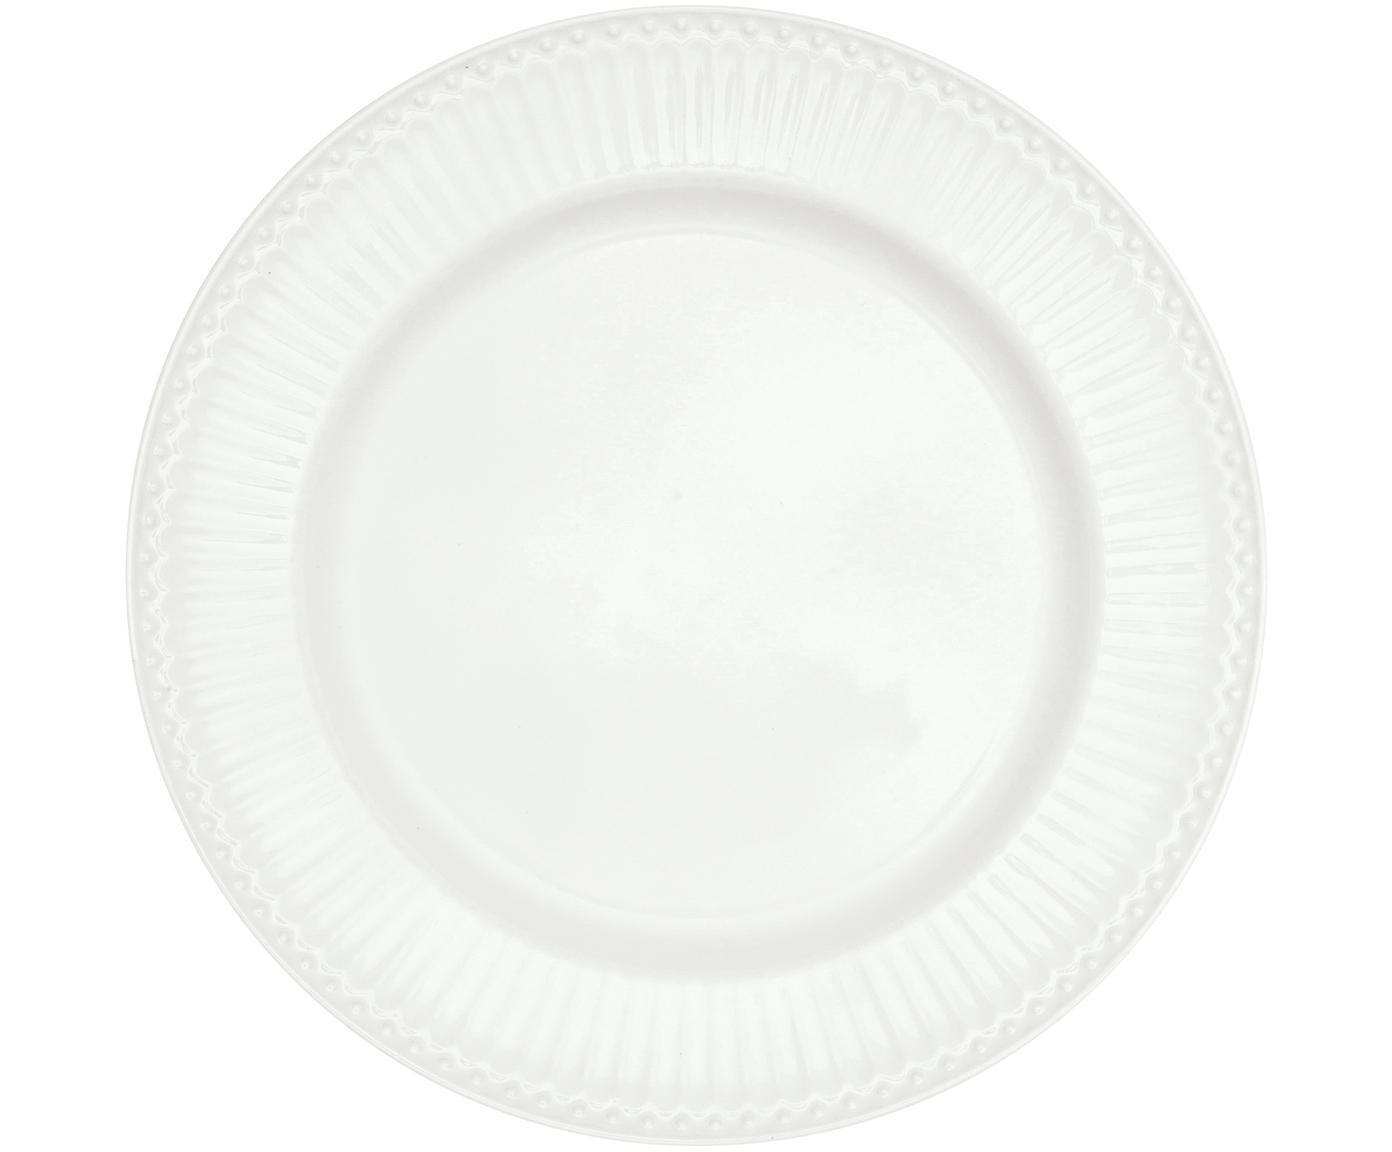 Handgefertigte Speiseteller Alice in Weiß mit Reliefdesign, 2 Stück, Steingut, Weiß, Ø 27 cm